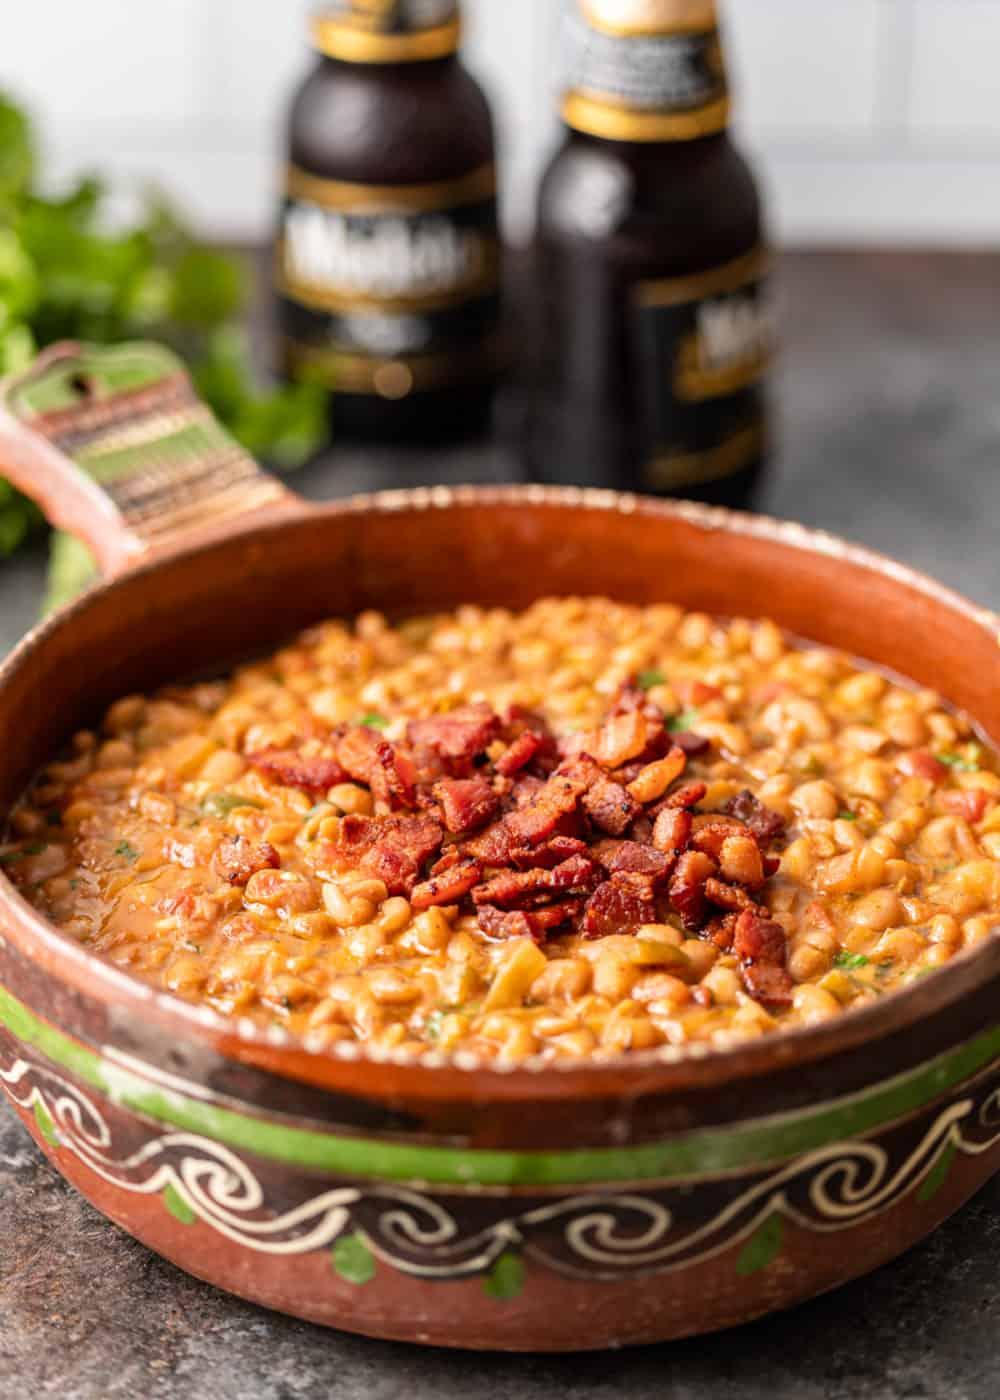 crock of drunken beans (Mexican pinto beans)